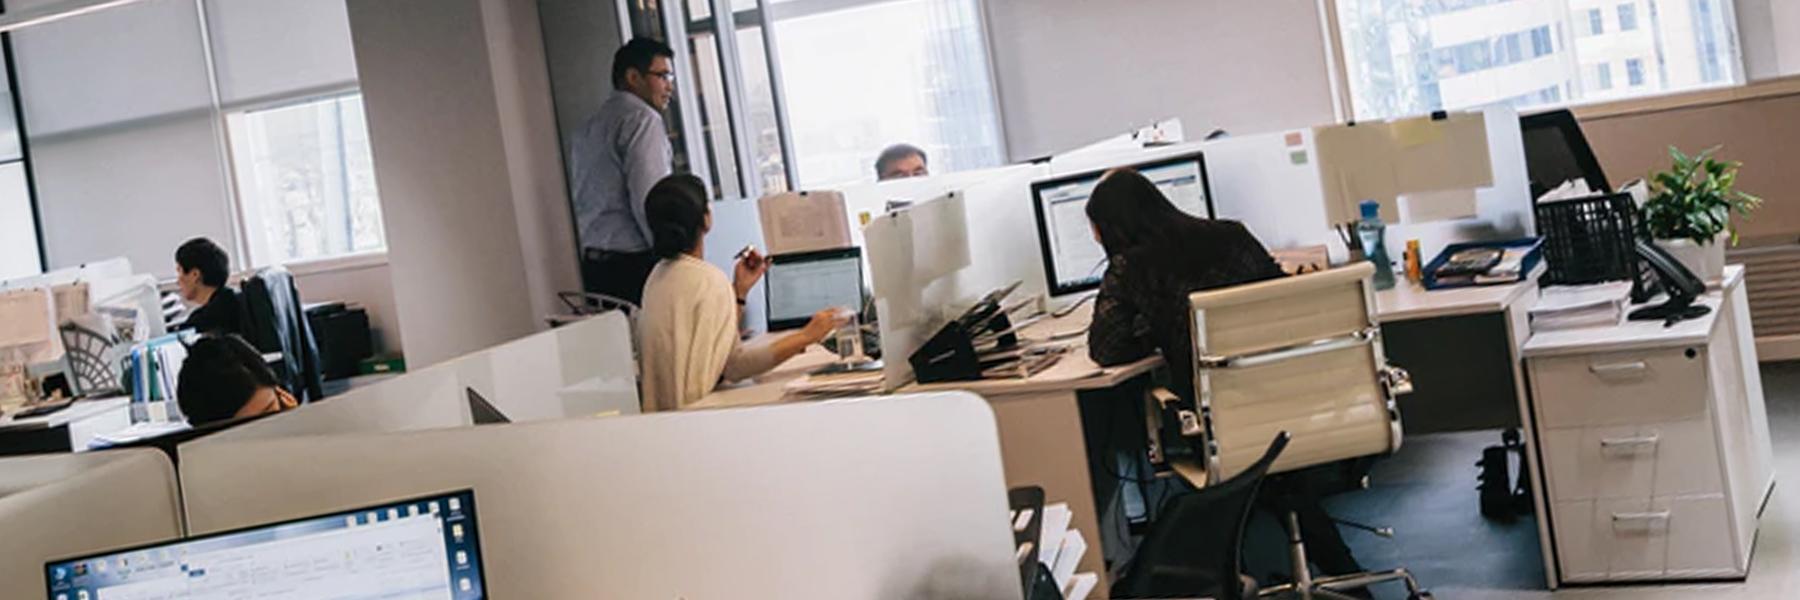 La movilidad geográfica en el trabajo